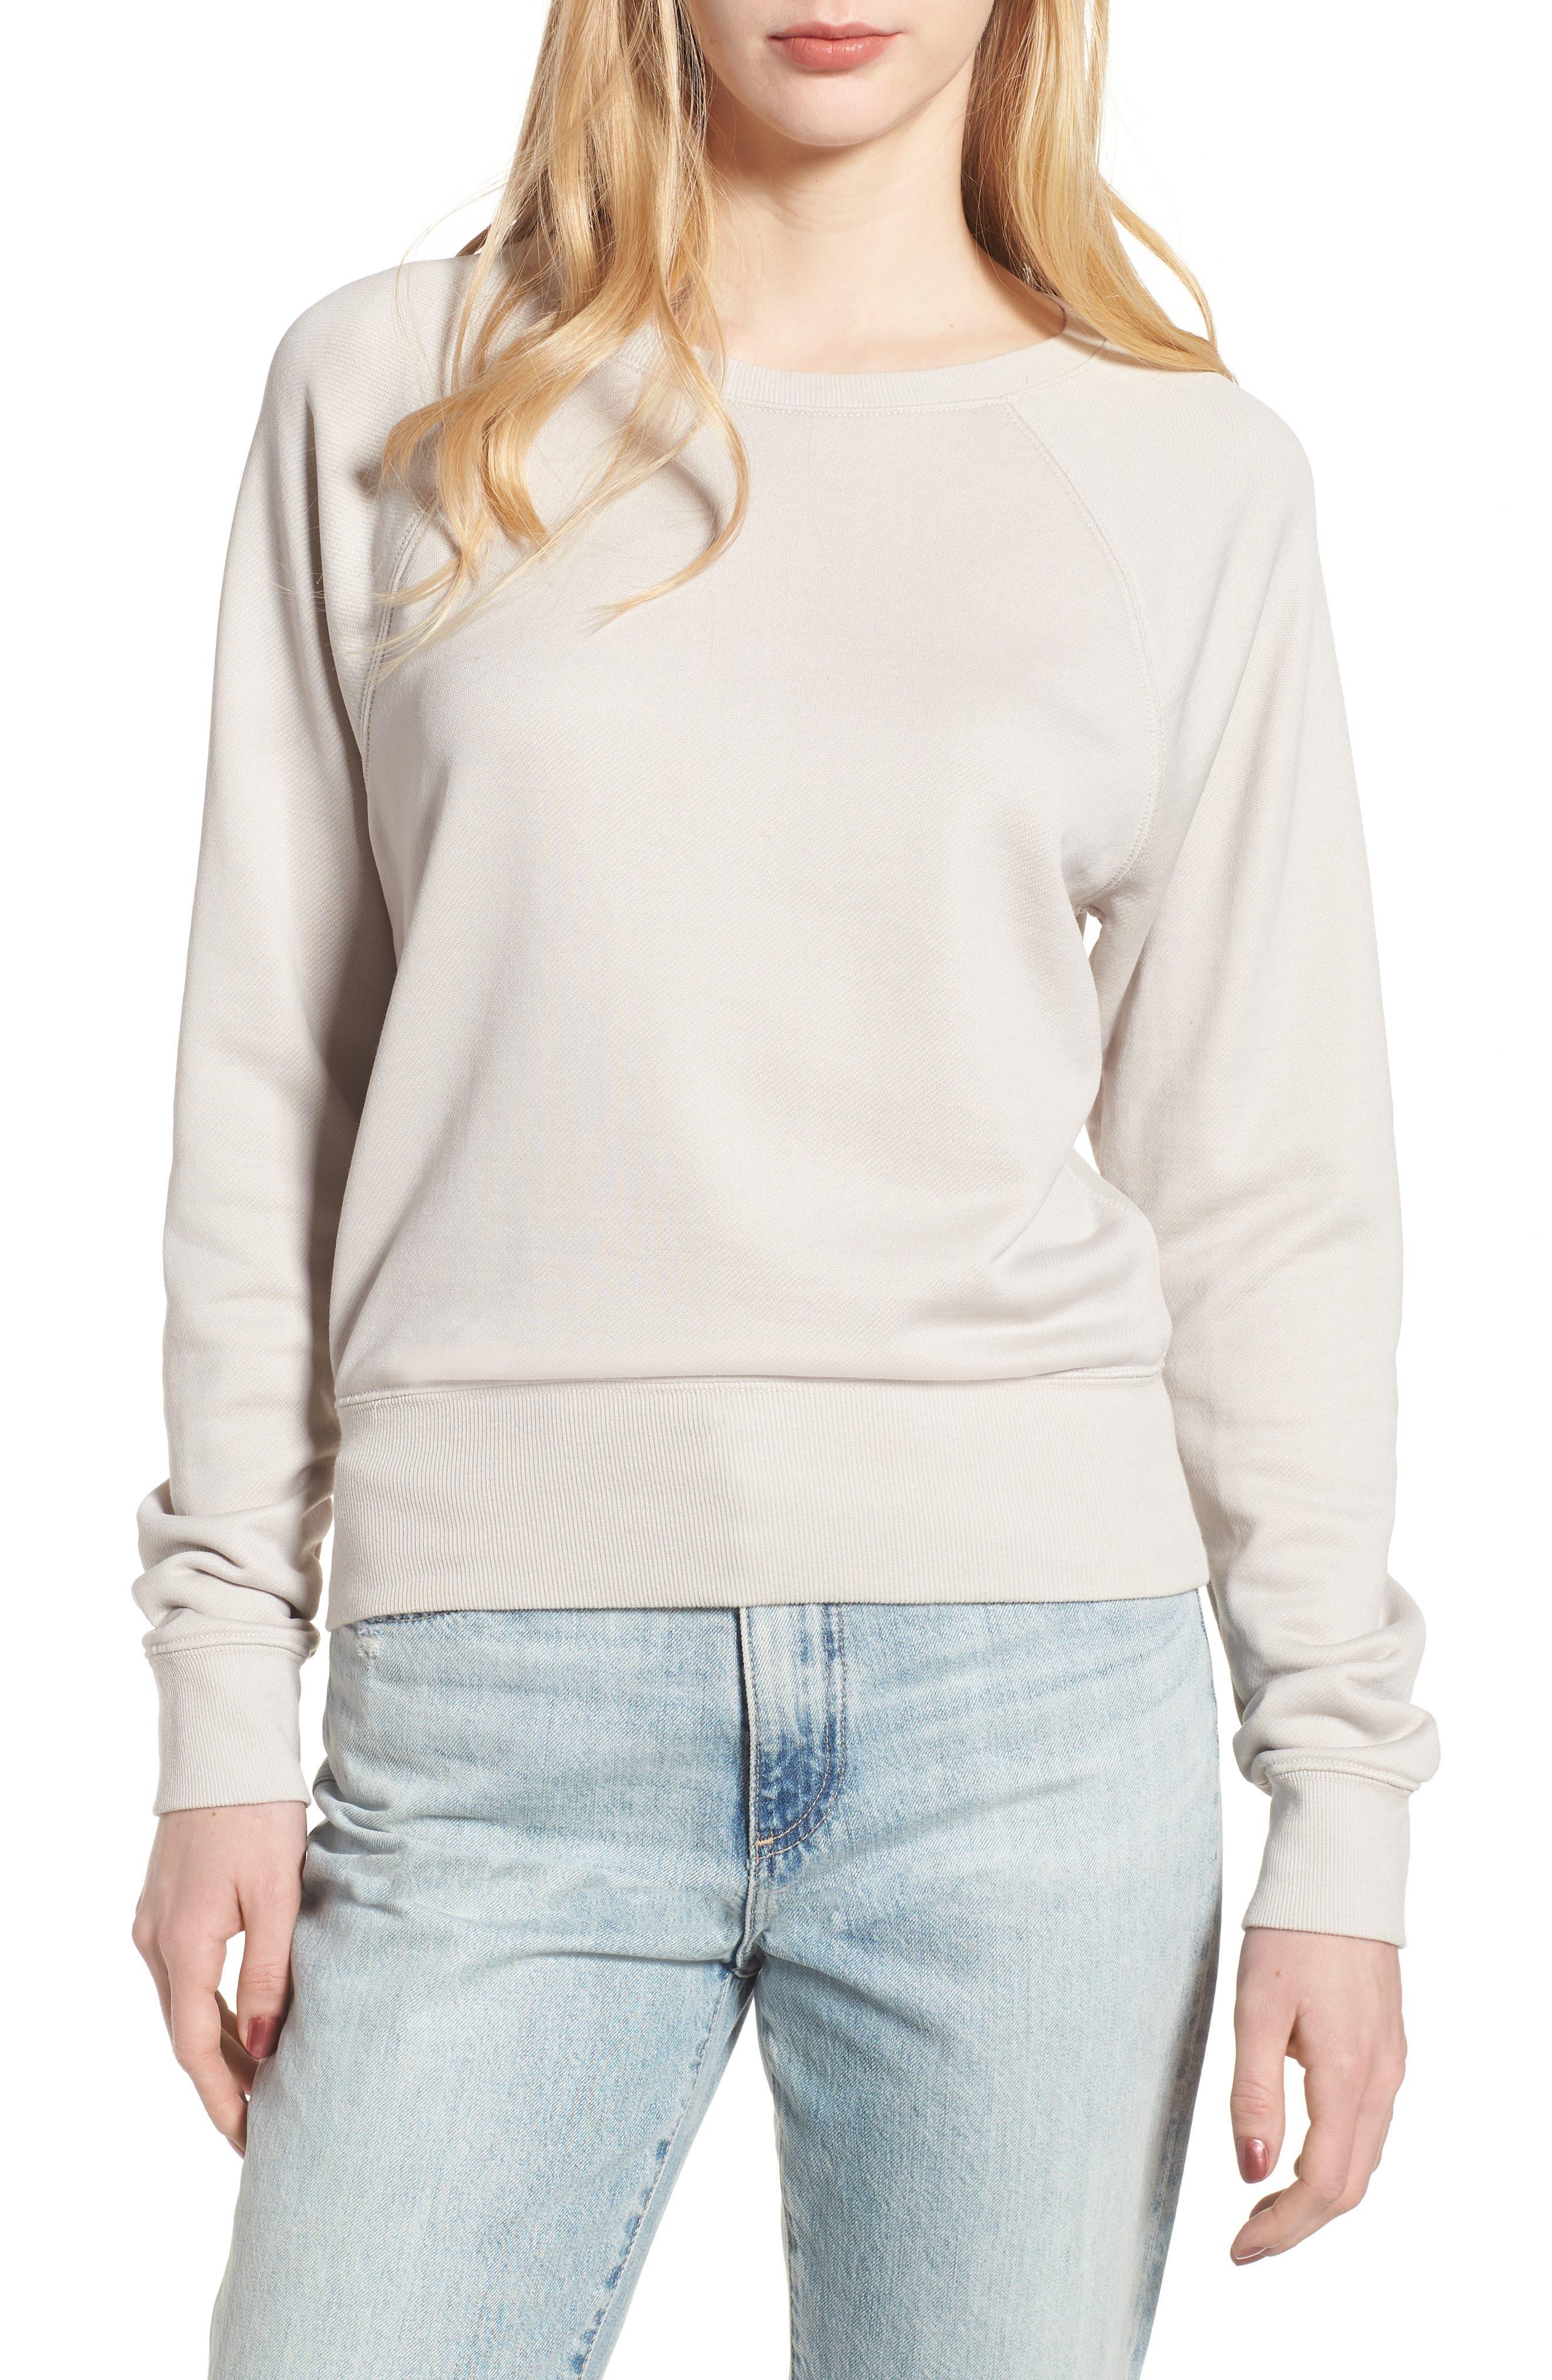 Main Image - James Perse Shrunken Fleece Sweatshirt